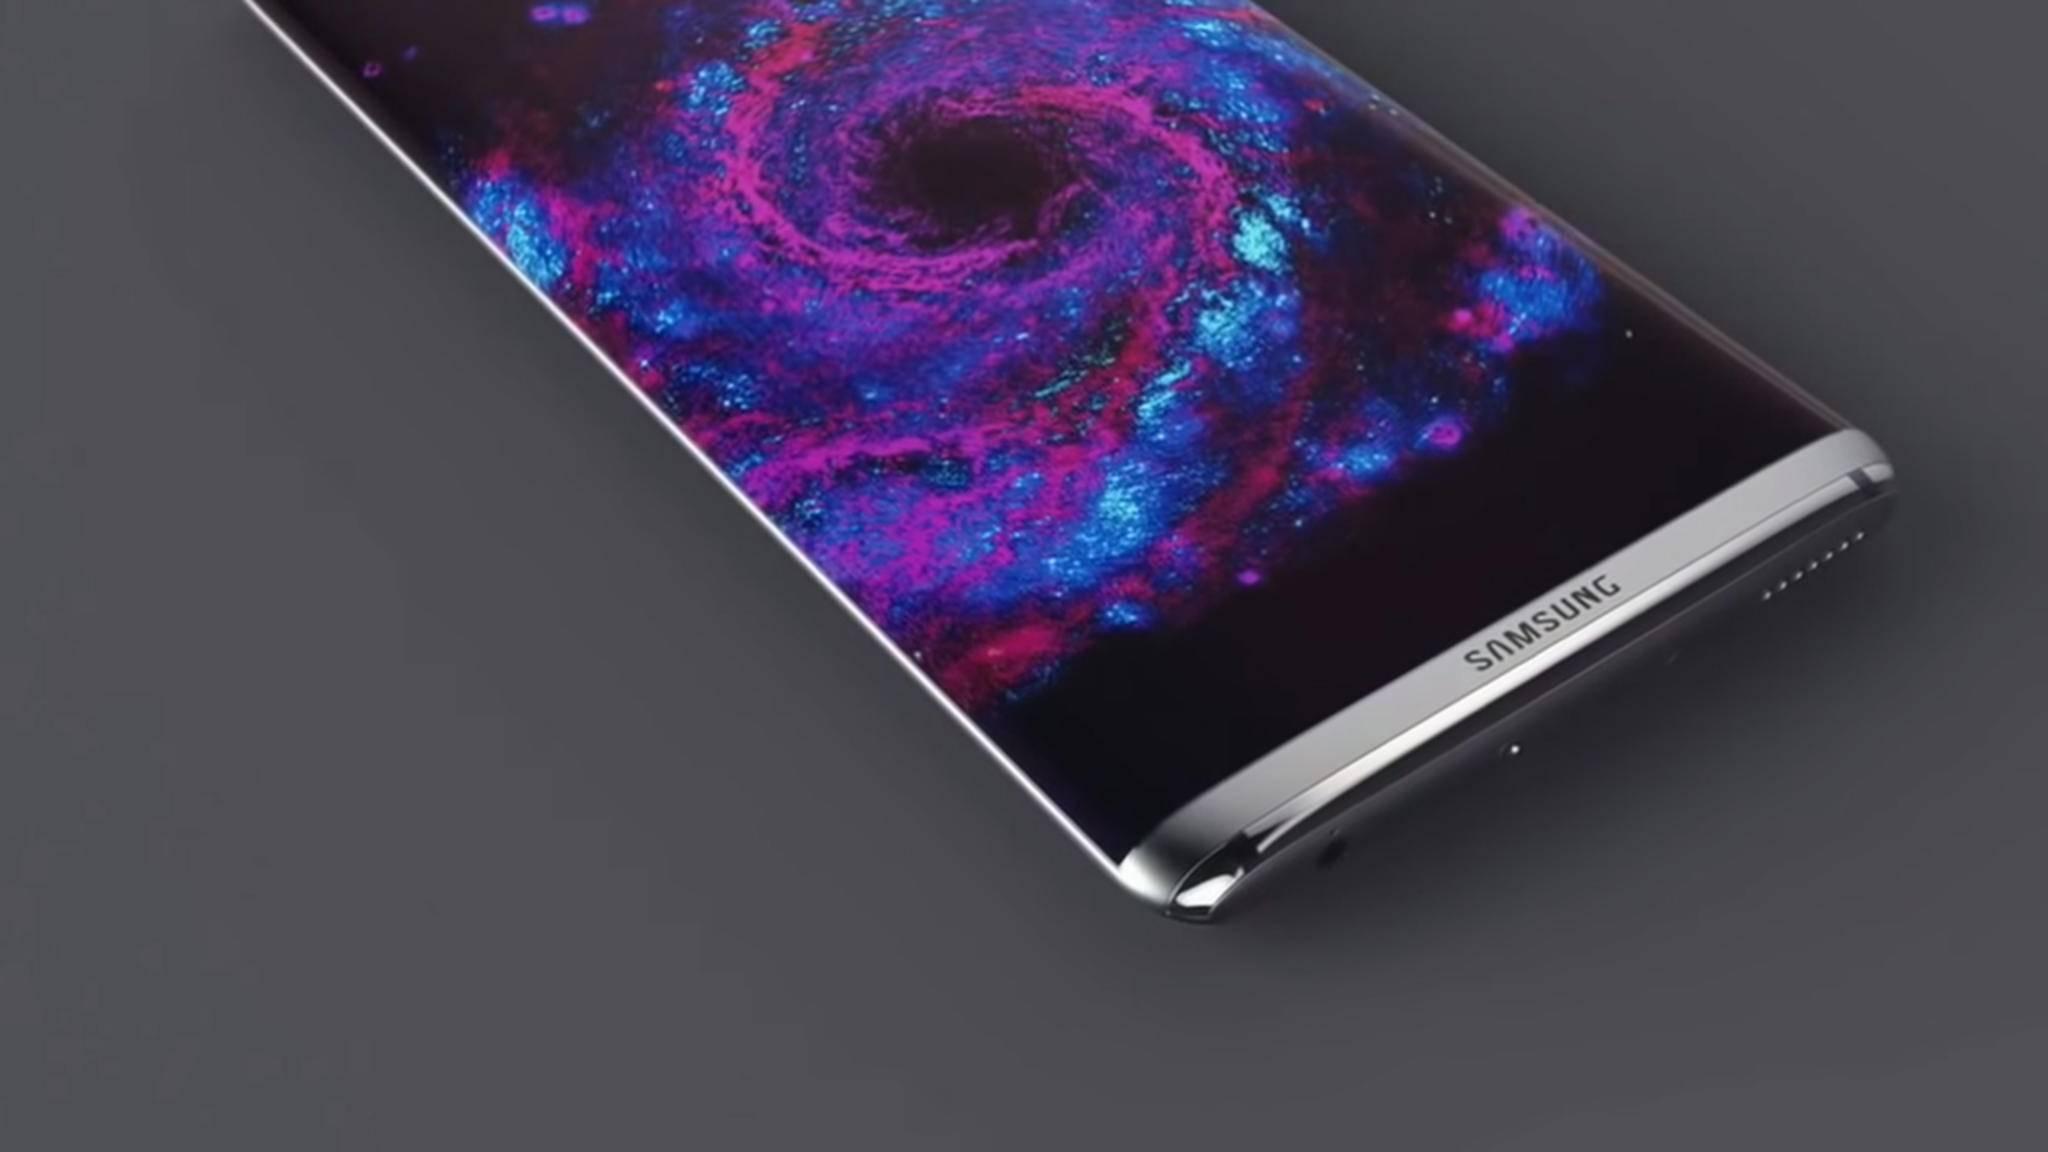 Der Fingerabdruckscanner könnte beim Galaxy S8 im Display integriert sein.